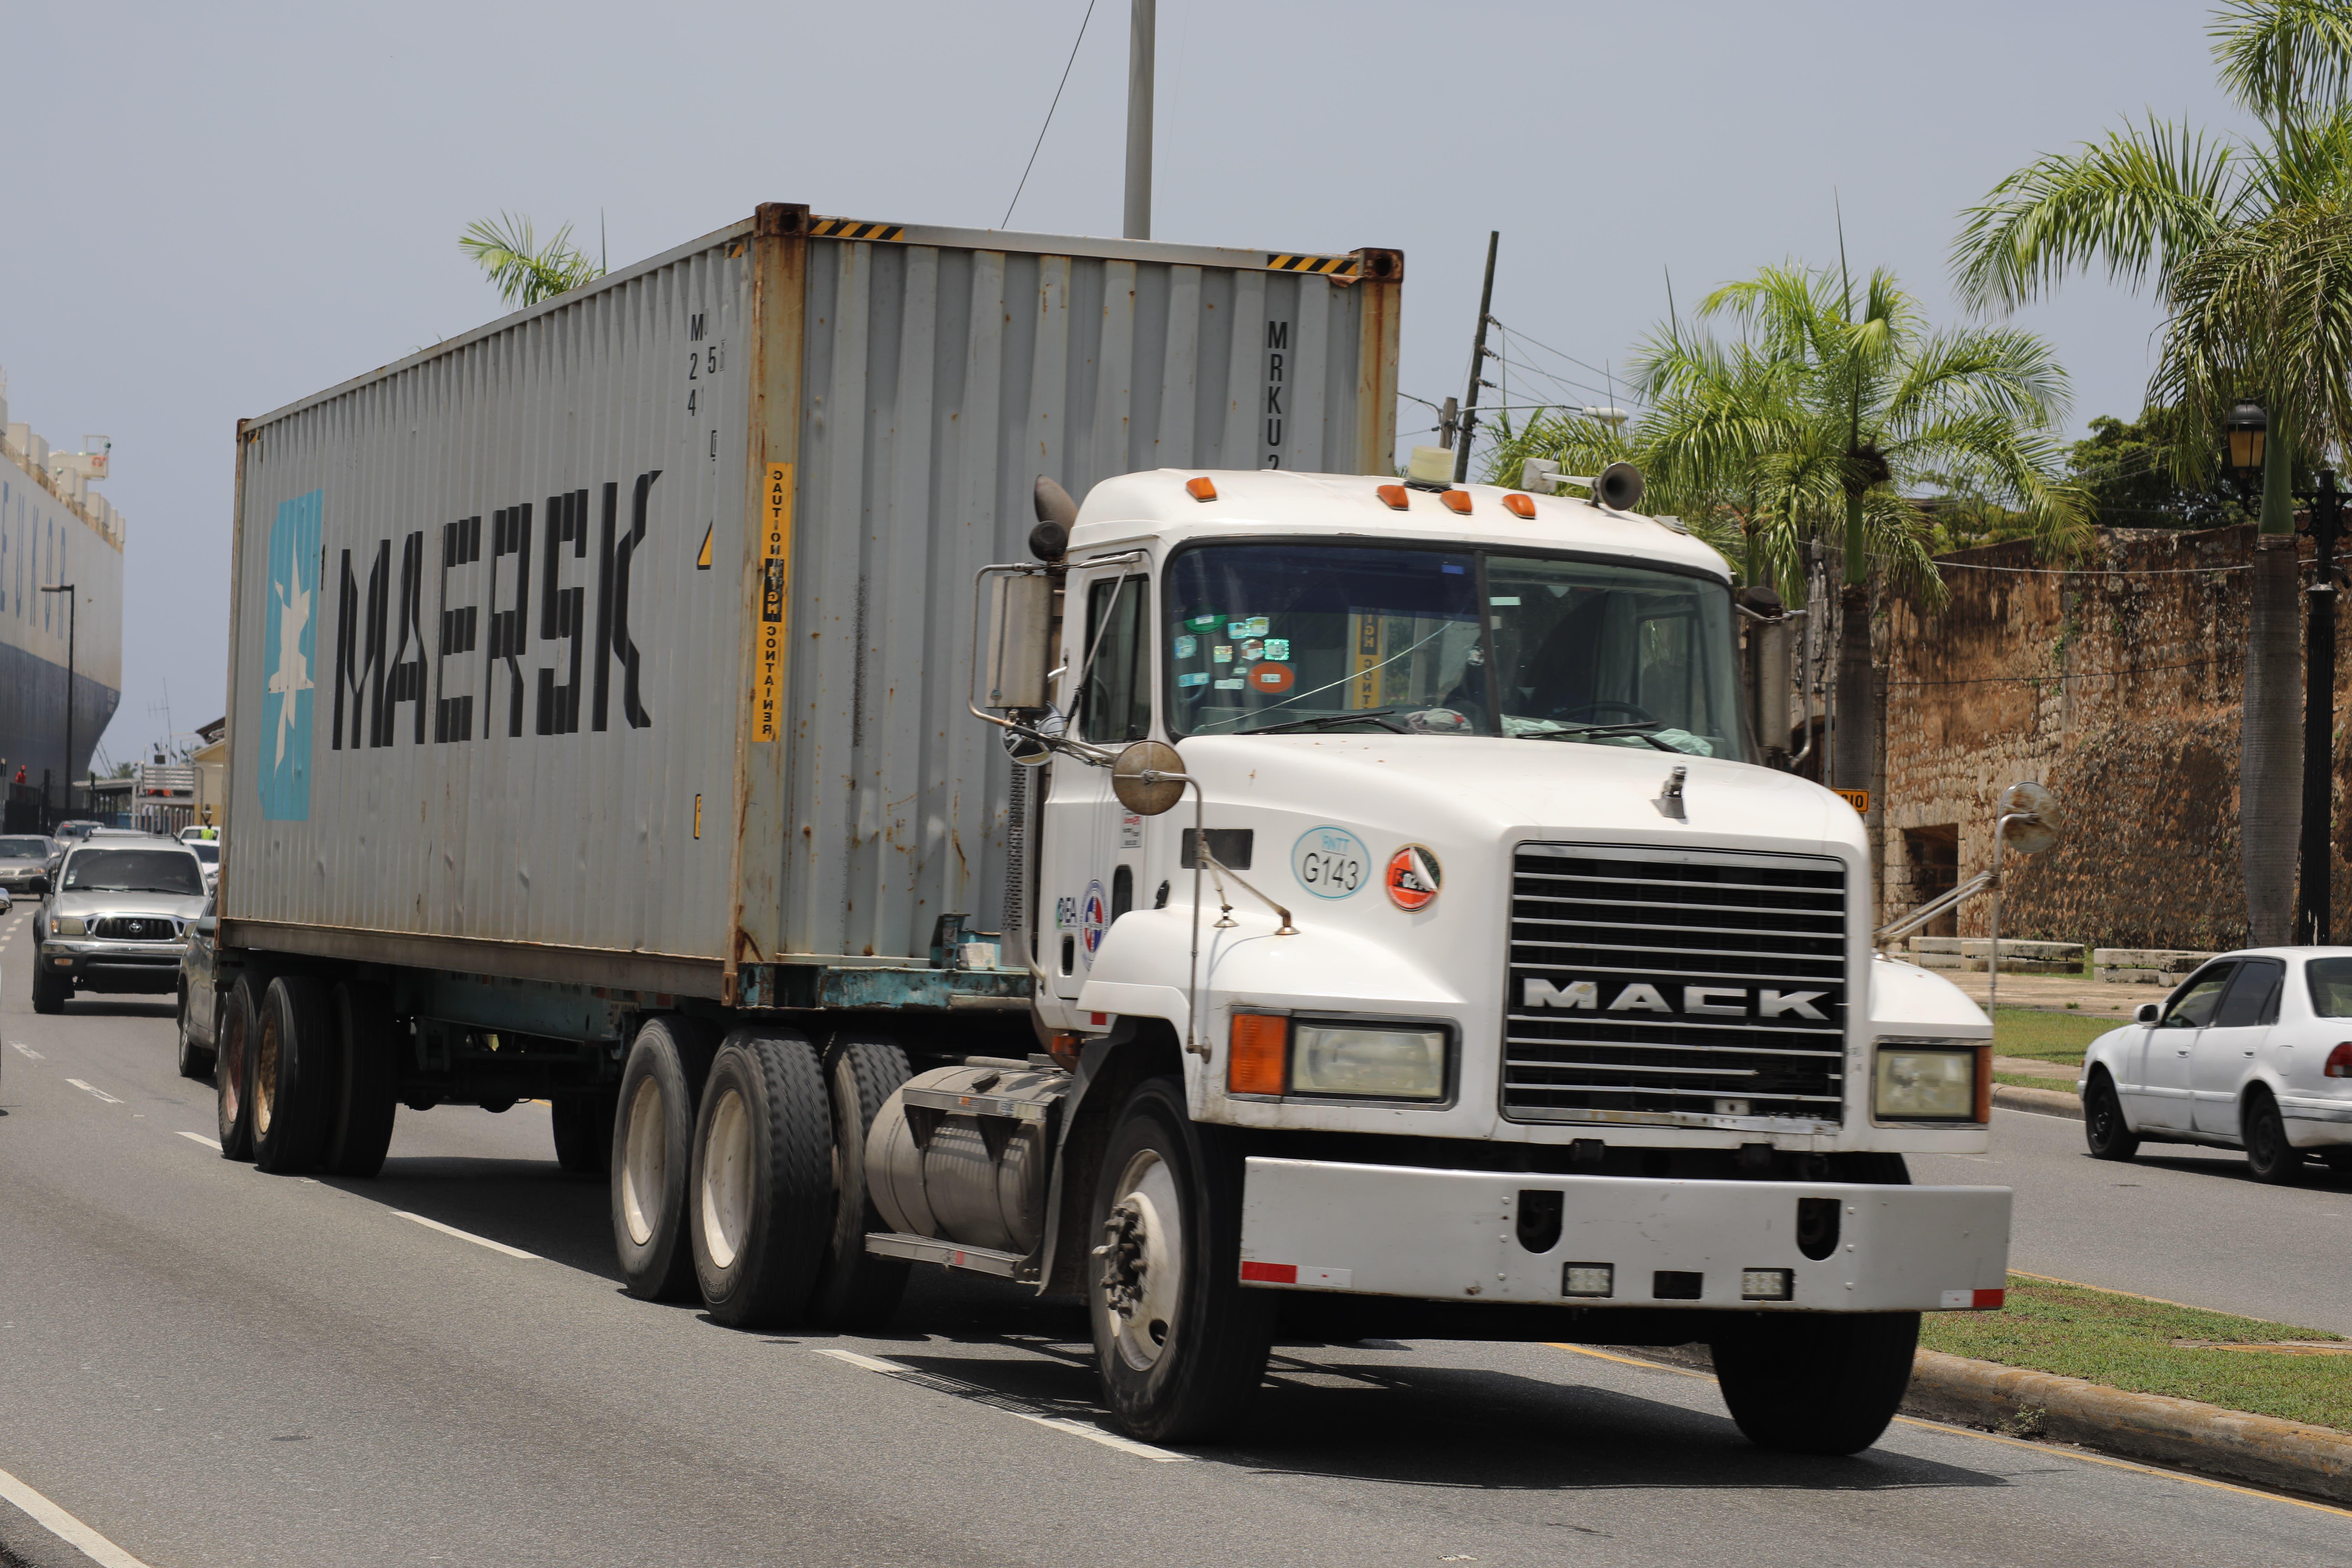 Intrant prohíbe circulación de vehículos de carga durante asueto Semana Mayor